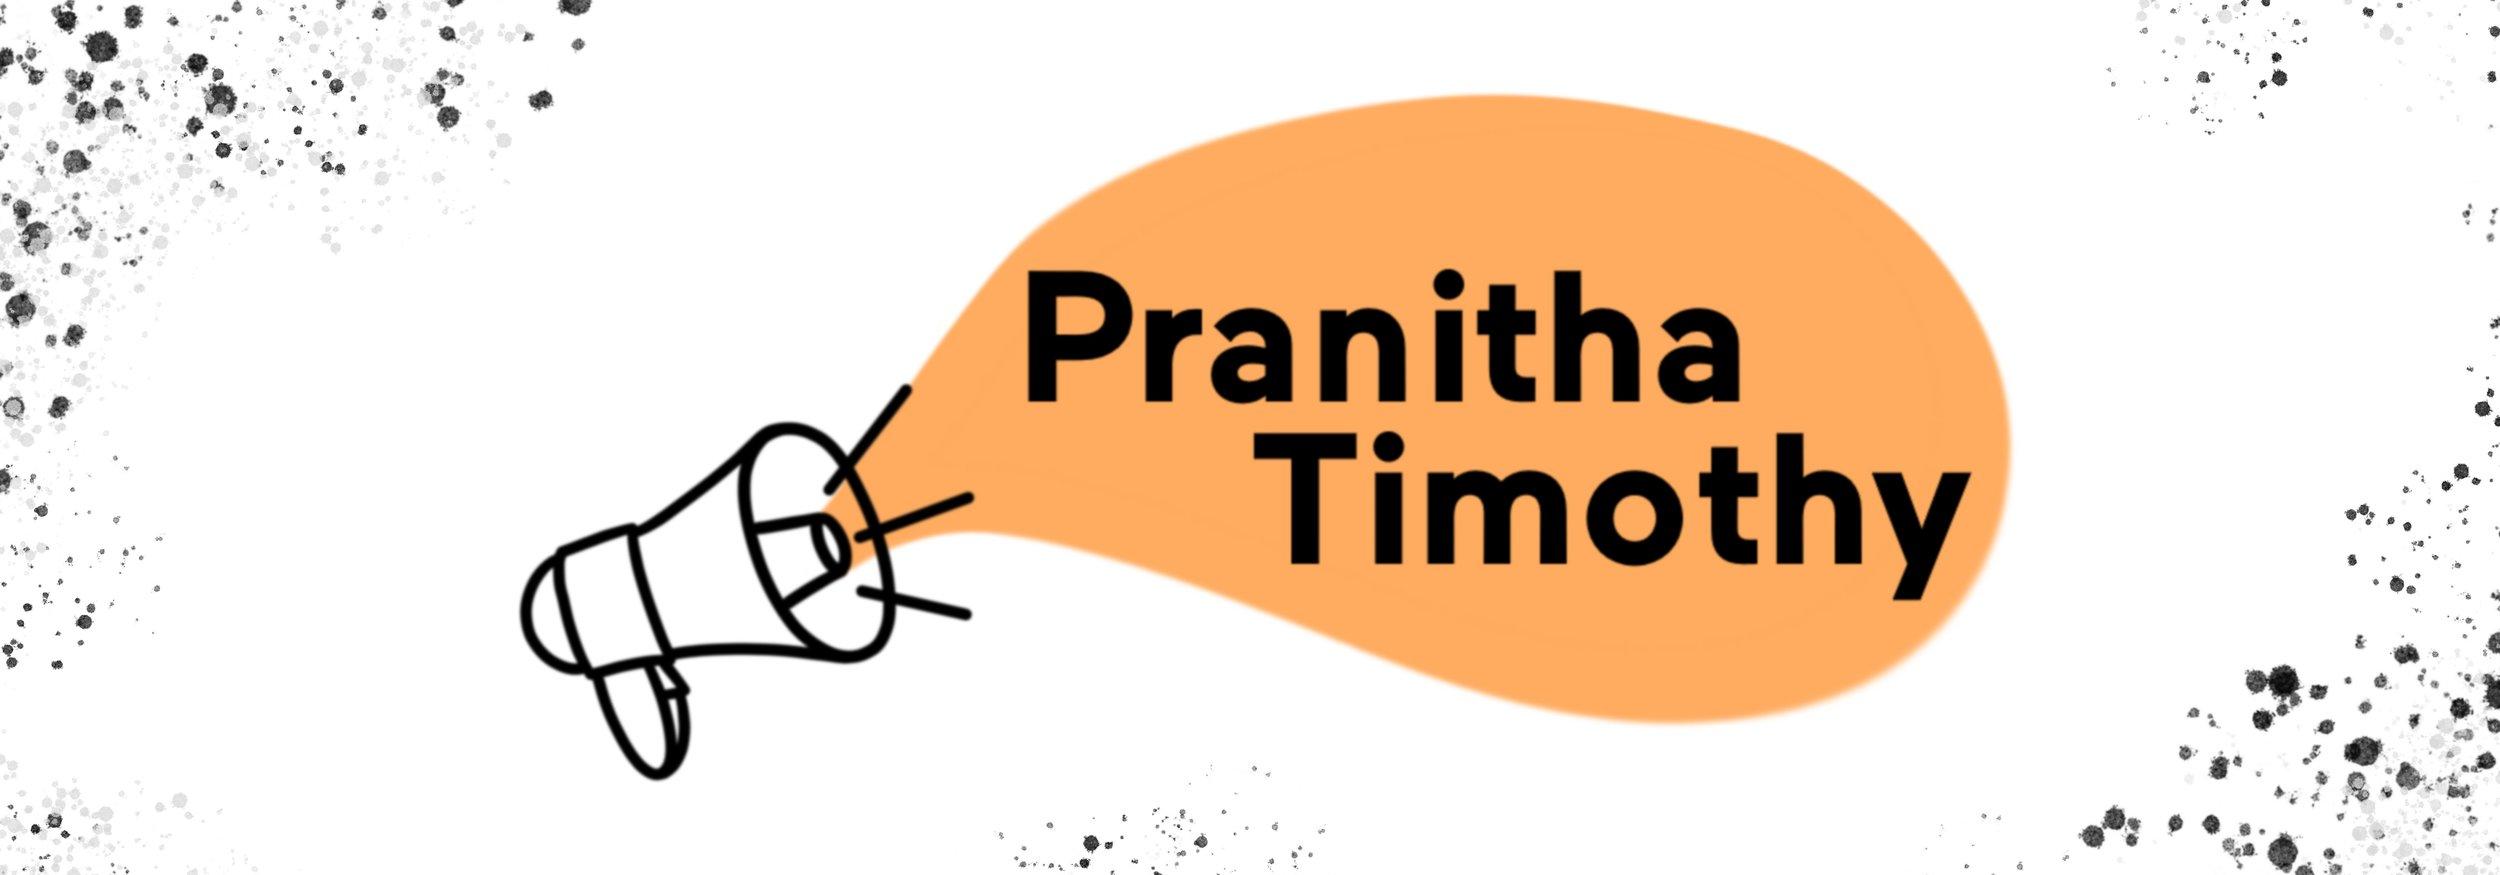 Pranitha_Timothy_Website_Banner.jpg